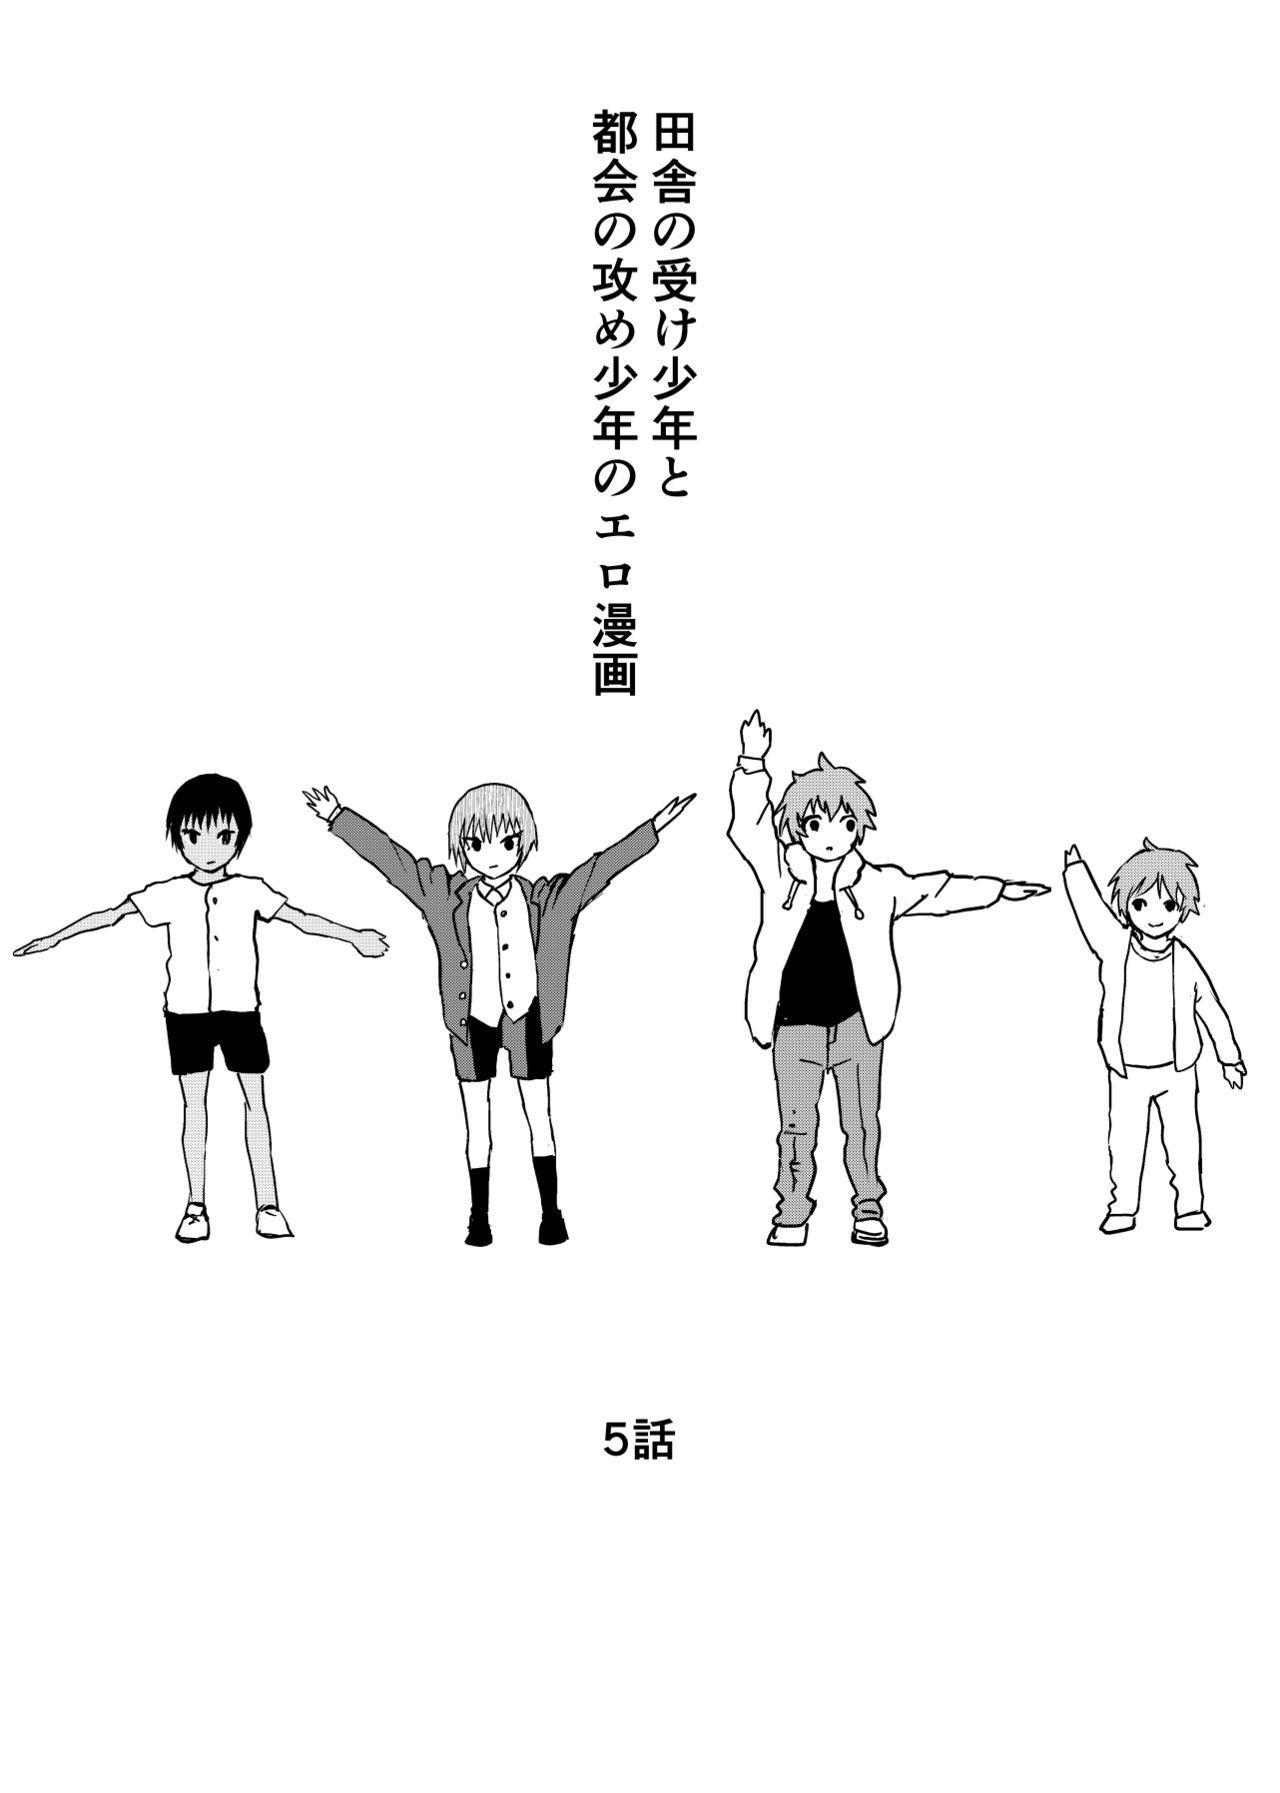 Inaka no Uke Shounen to Tokai no Seme Shounen no Ero Manga 1-6 106